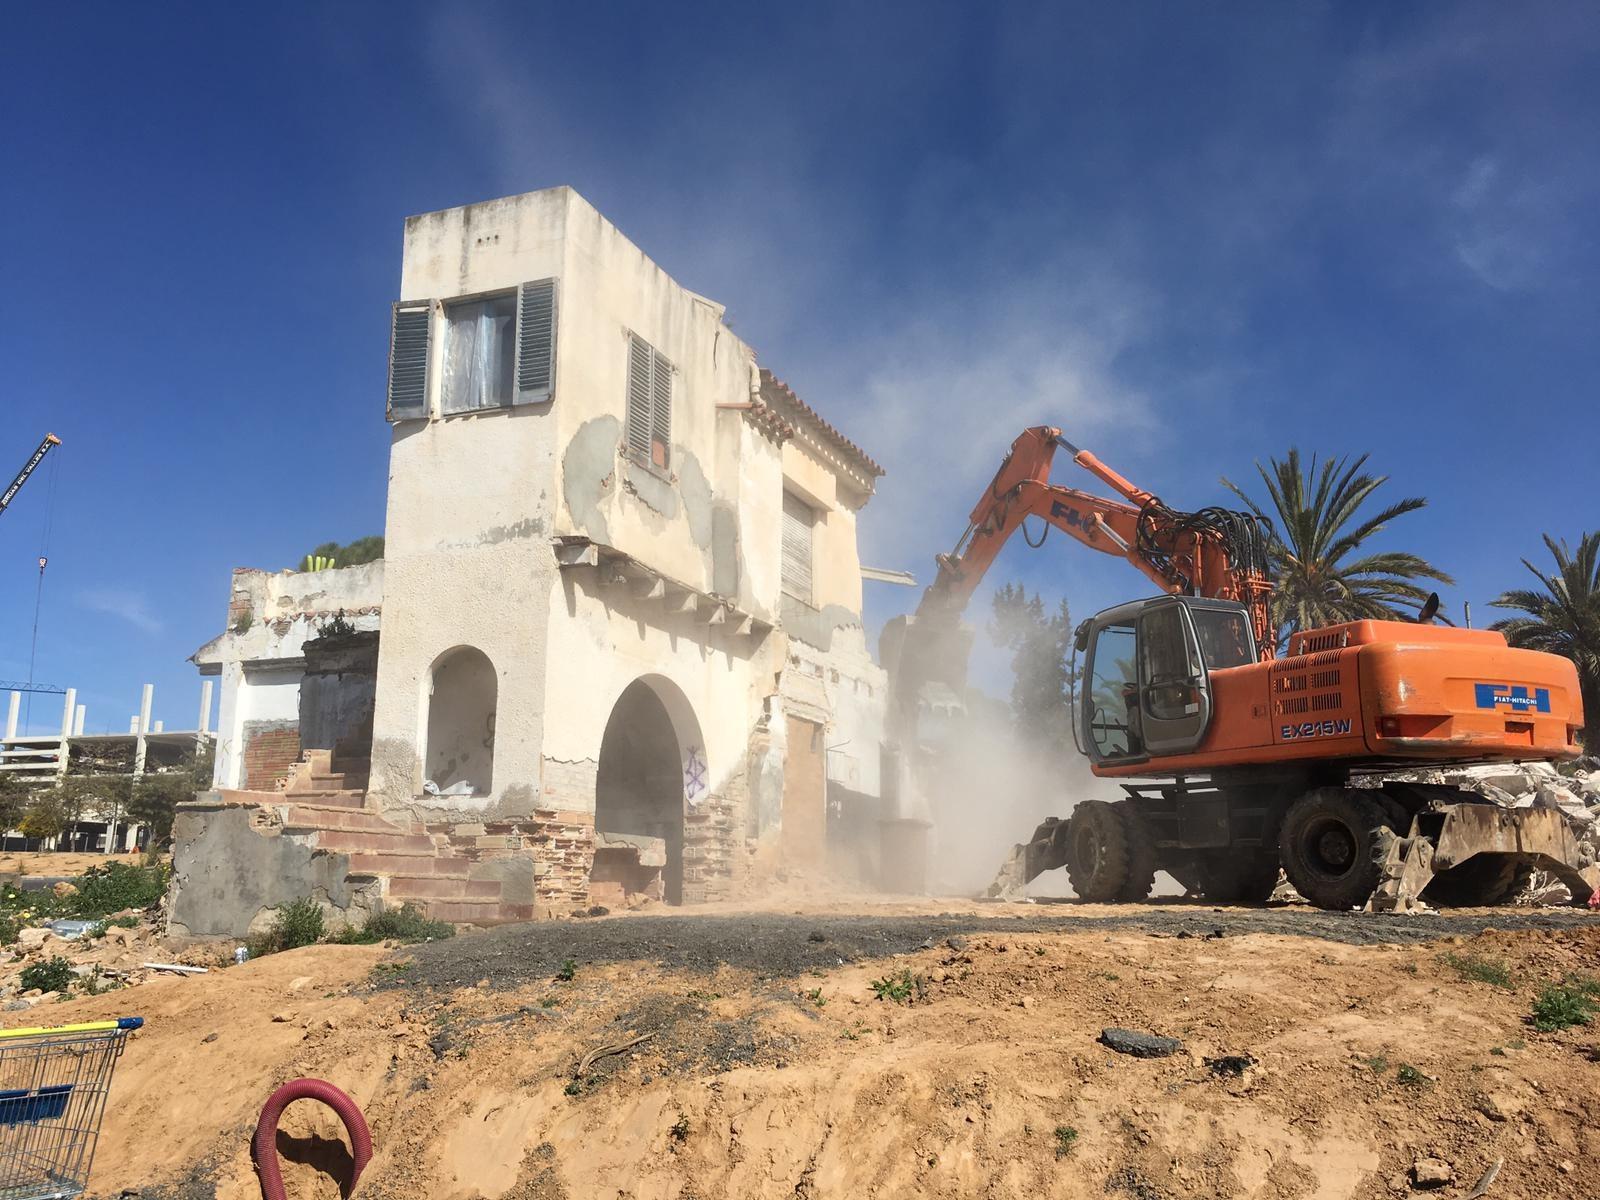 L'Ajuntament ha executat aquest dijous l'enderrocament que hi havia previst a Can Nubials, a la zona situada a La Plana